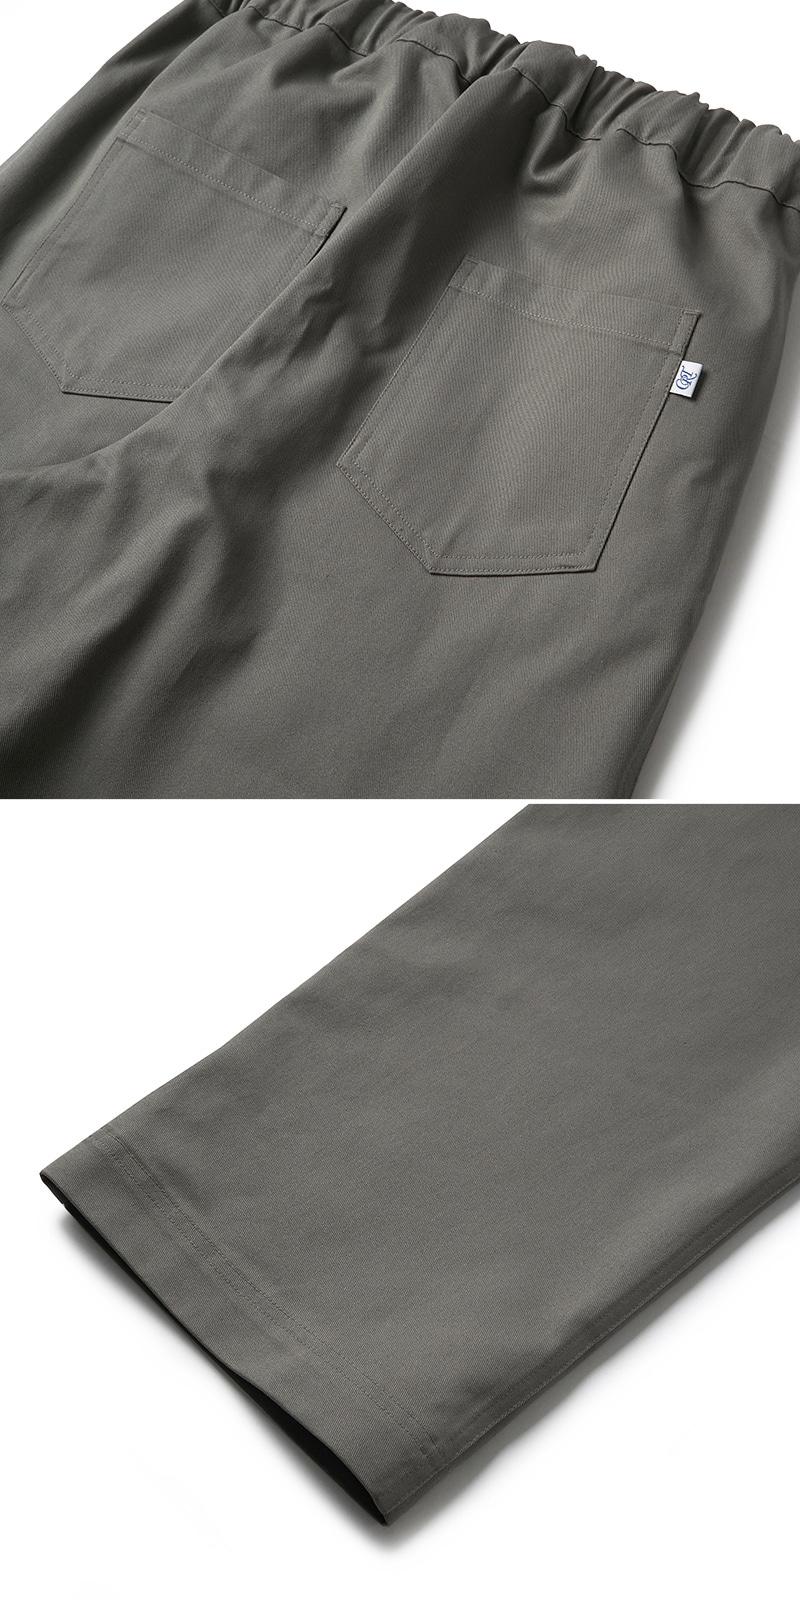 CRT EASY PANTS(CHARCOAL)_CRONPPT01UC1